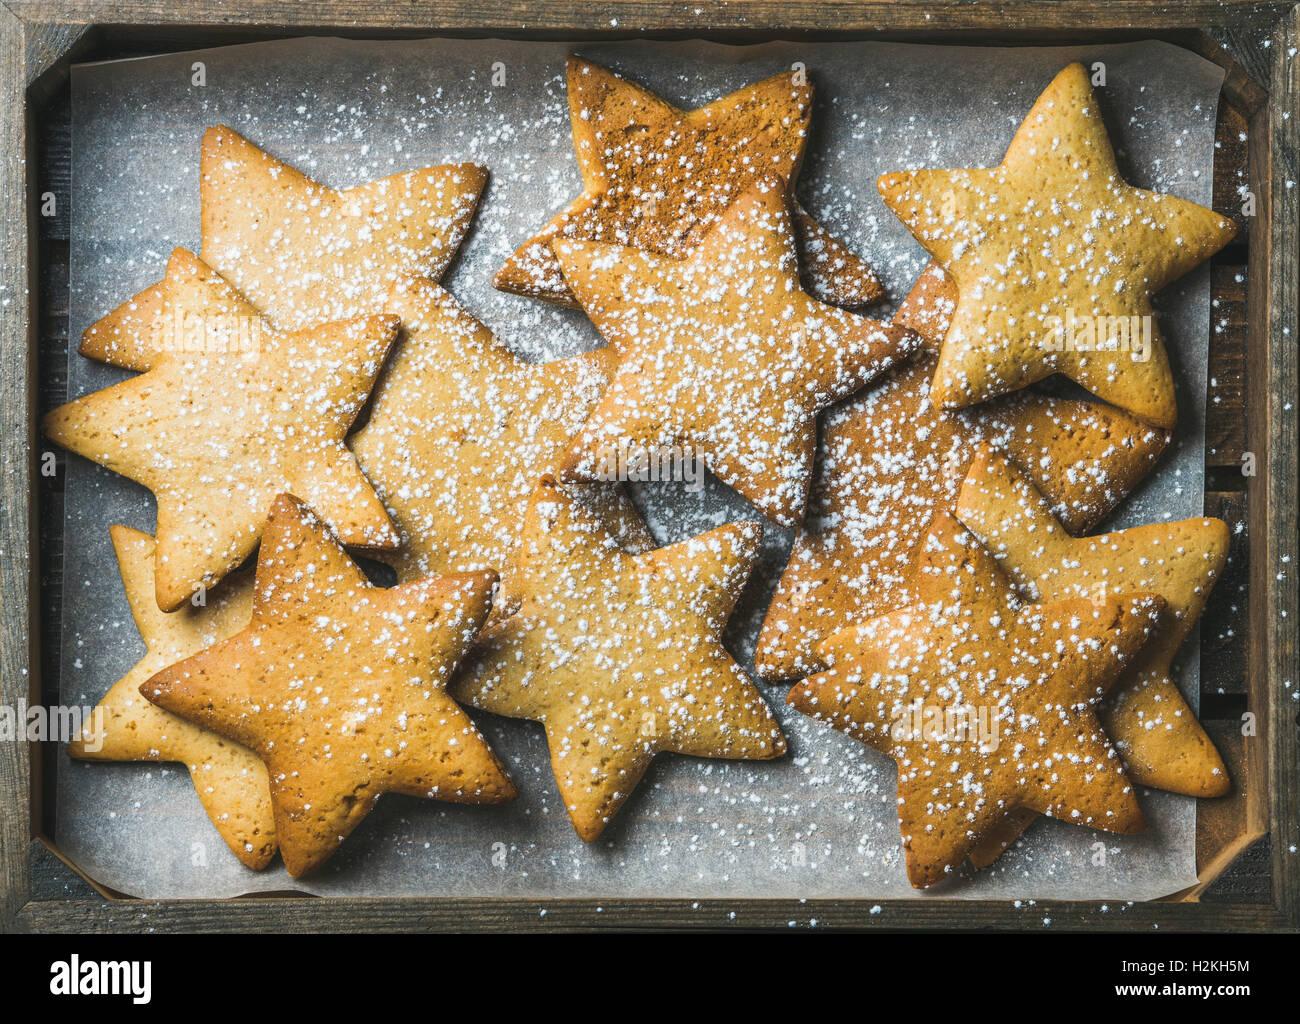 Dolce Natale gingerbread cookies in forma di stelle con lo zucchero in polvere sulla carta da forno in legno rustico Immagini Stock